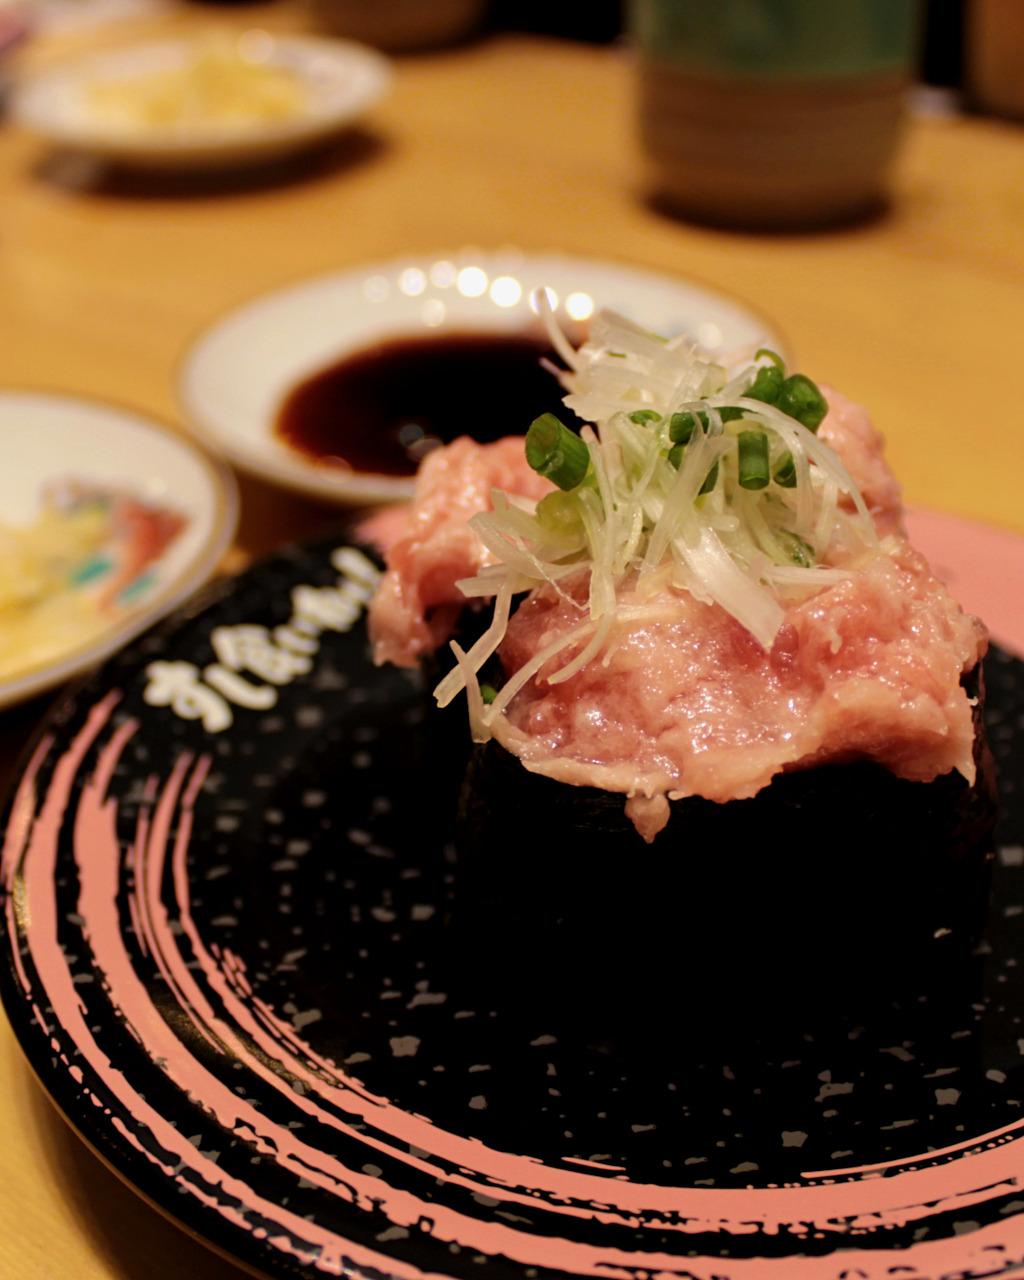 Negitoro sushi at Kuine in Kanazawa, Japan